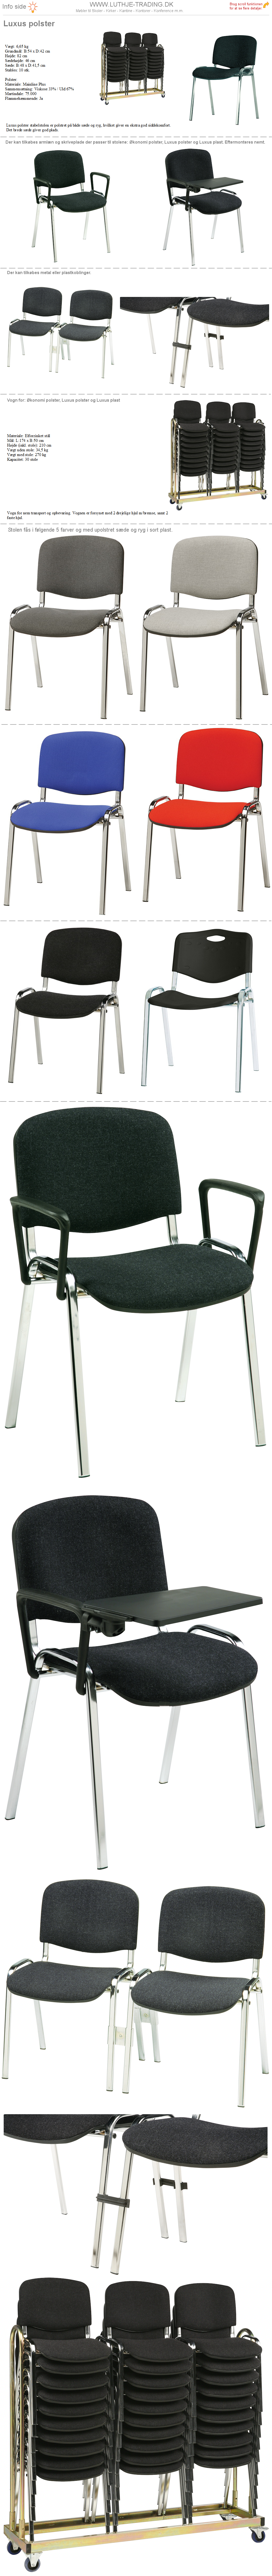 Stabelstol Luxus polster med sort/grå stof